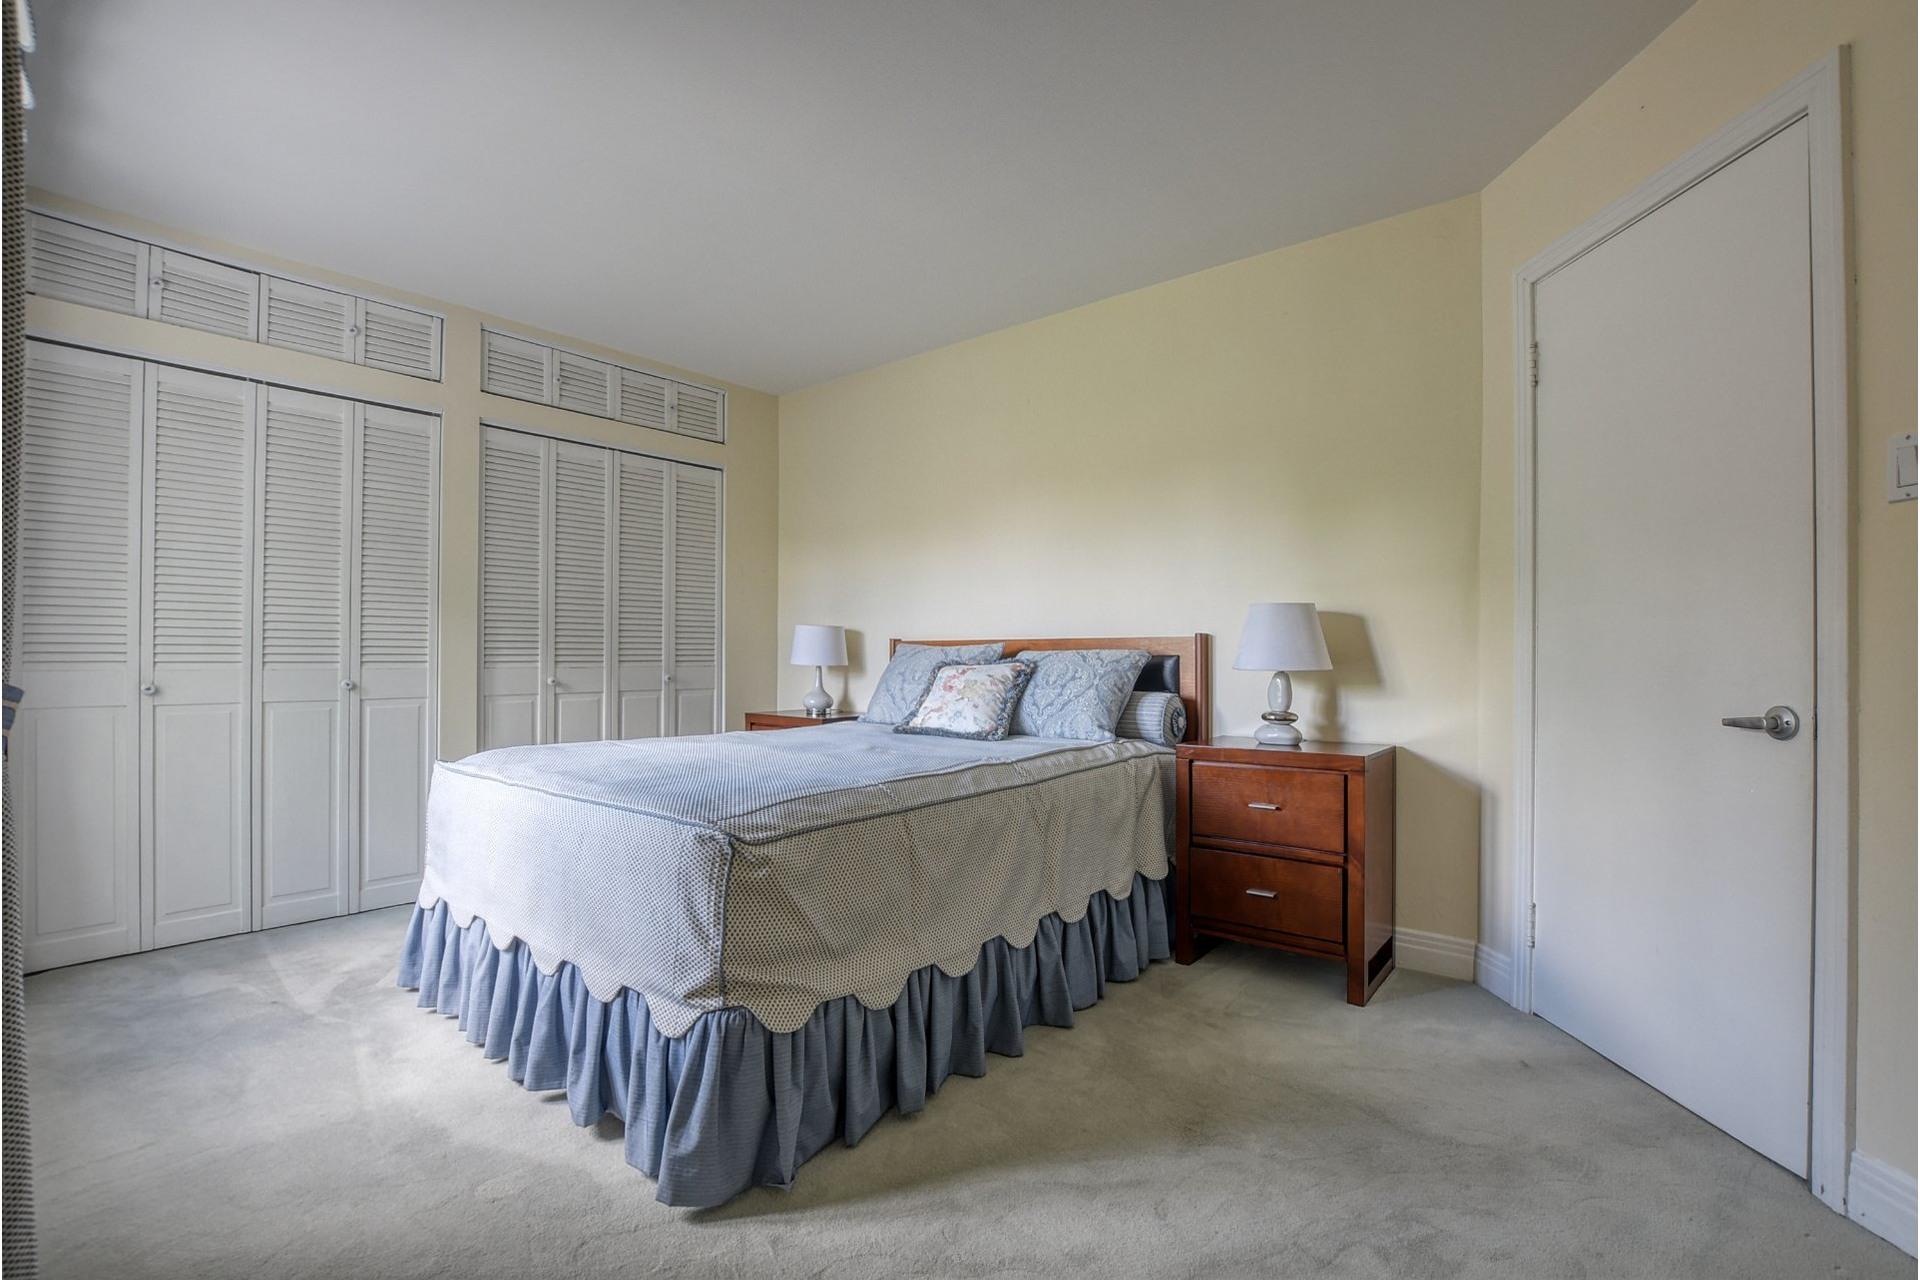 image 11 - House For sale Saint-Laurent Montréal  - 7 rooms